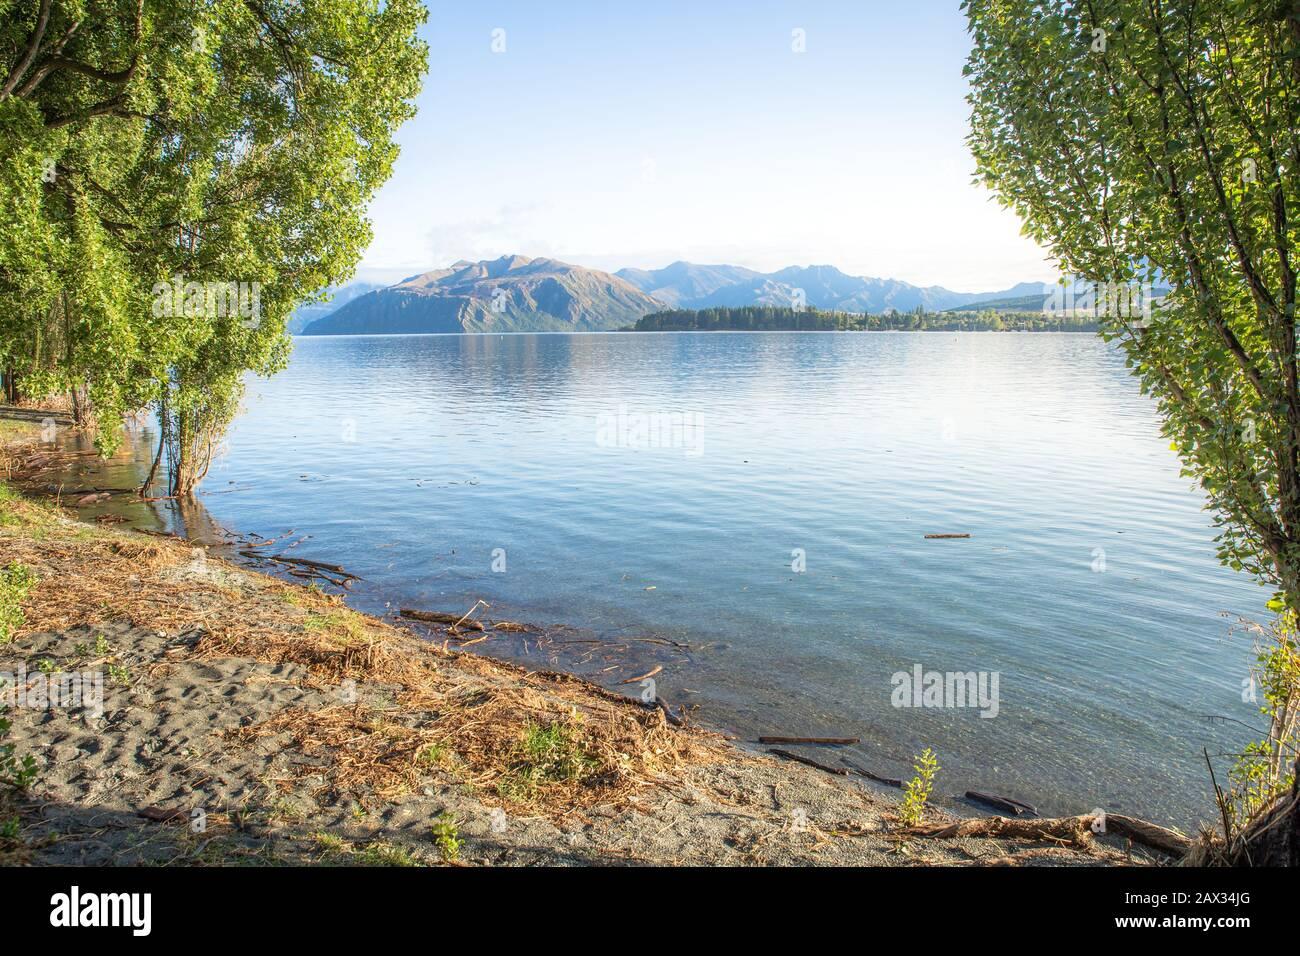 Lever du soleil du lac tôt le matin avec lumière dorée. Ciel bleu et eau. Lac Wanaka Nouvelle-Zélande, destination De voyage Populaire. Banque D'Images